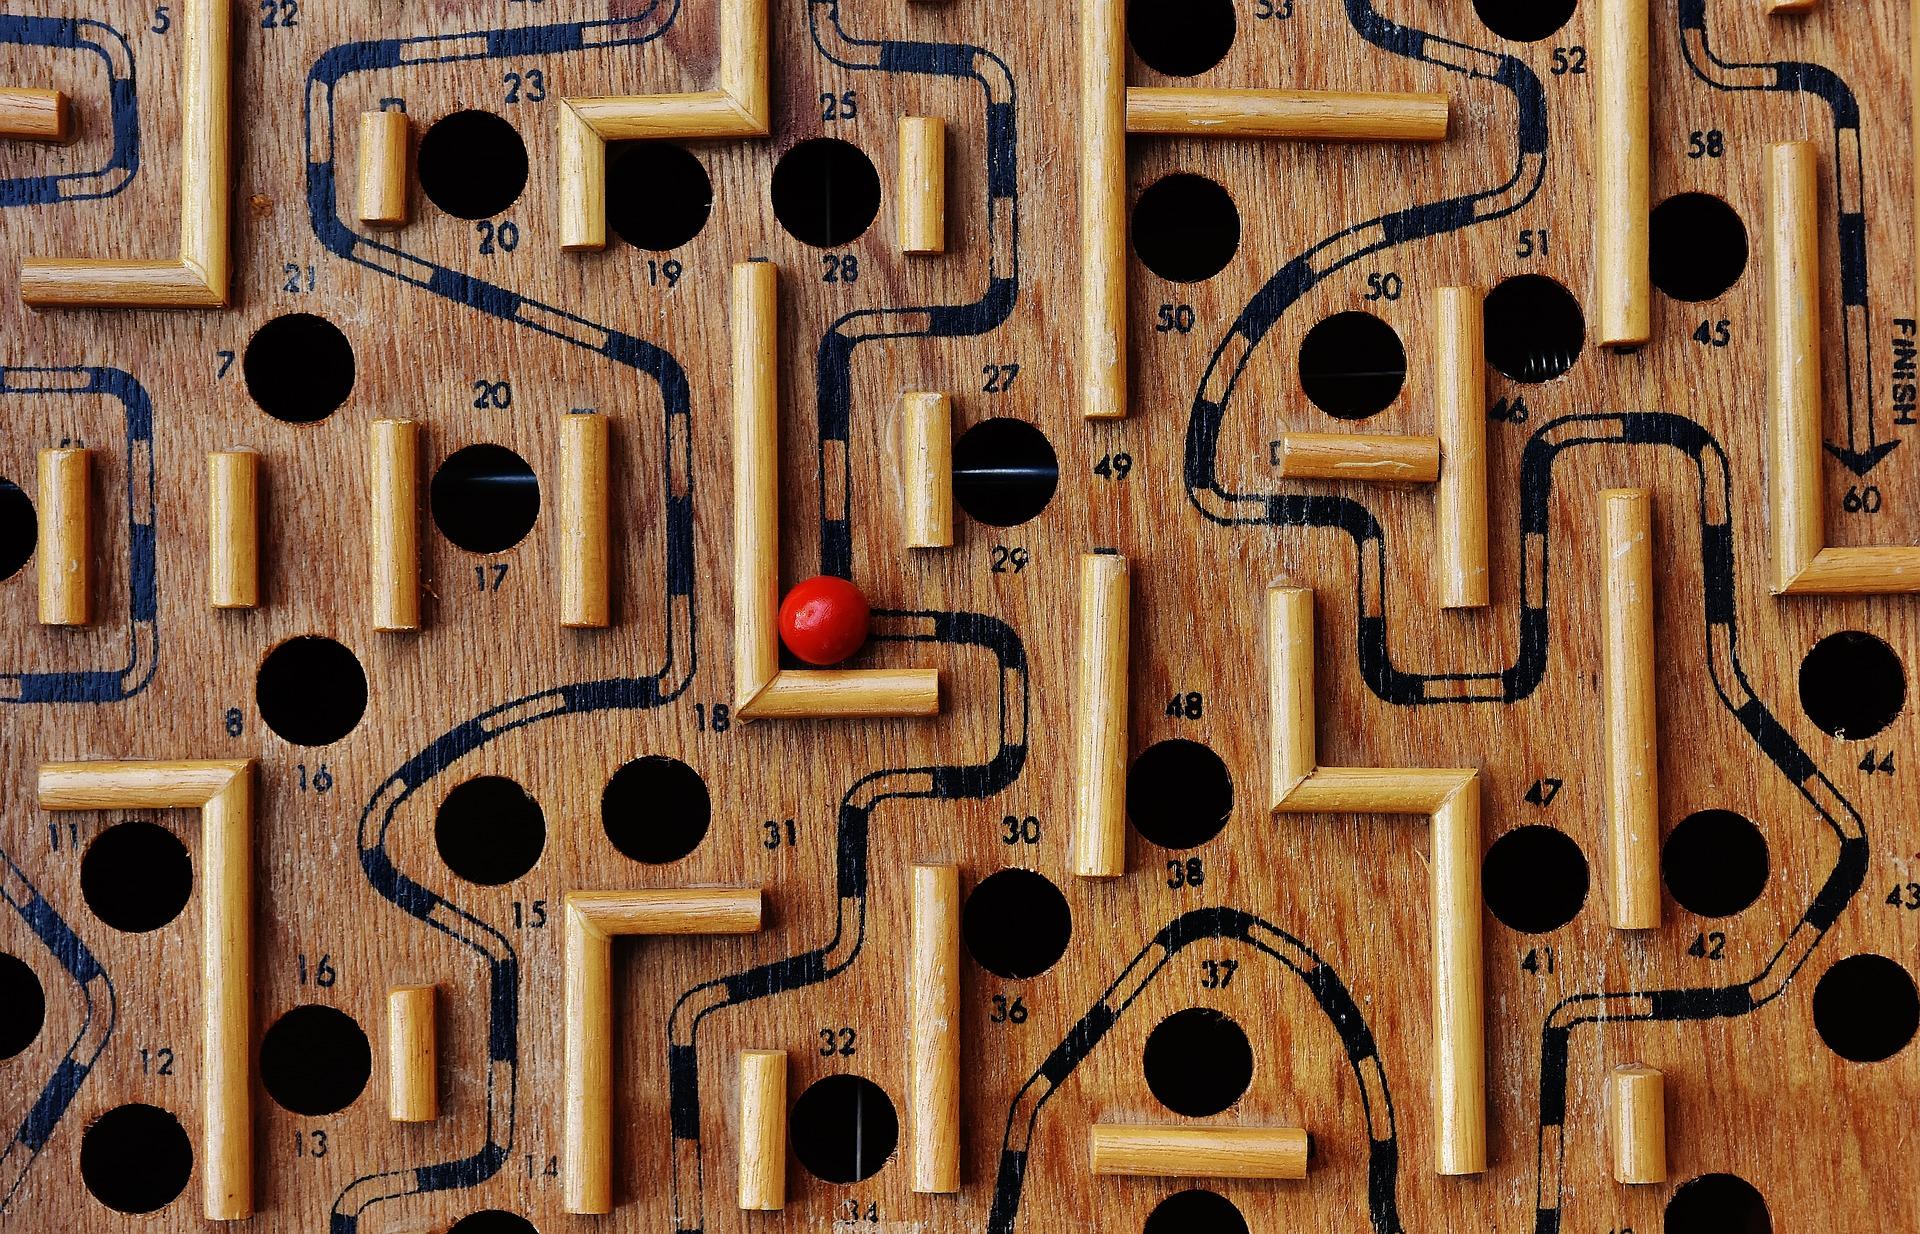 Wie mache ich mich selbstständig? | Teil 2 - Welche Entscheidungen sind zu treffen?